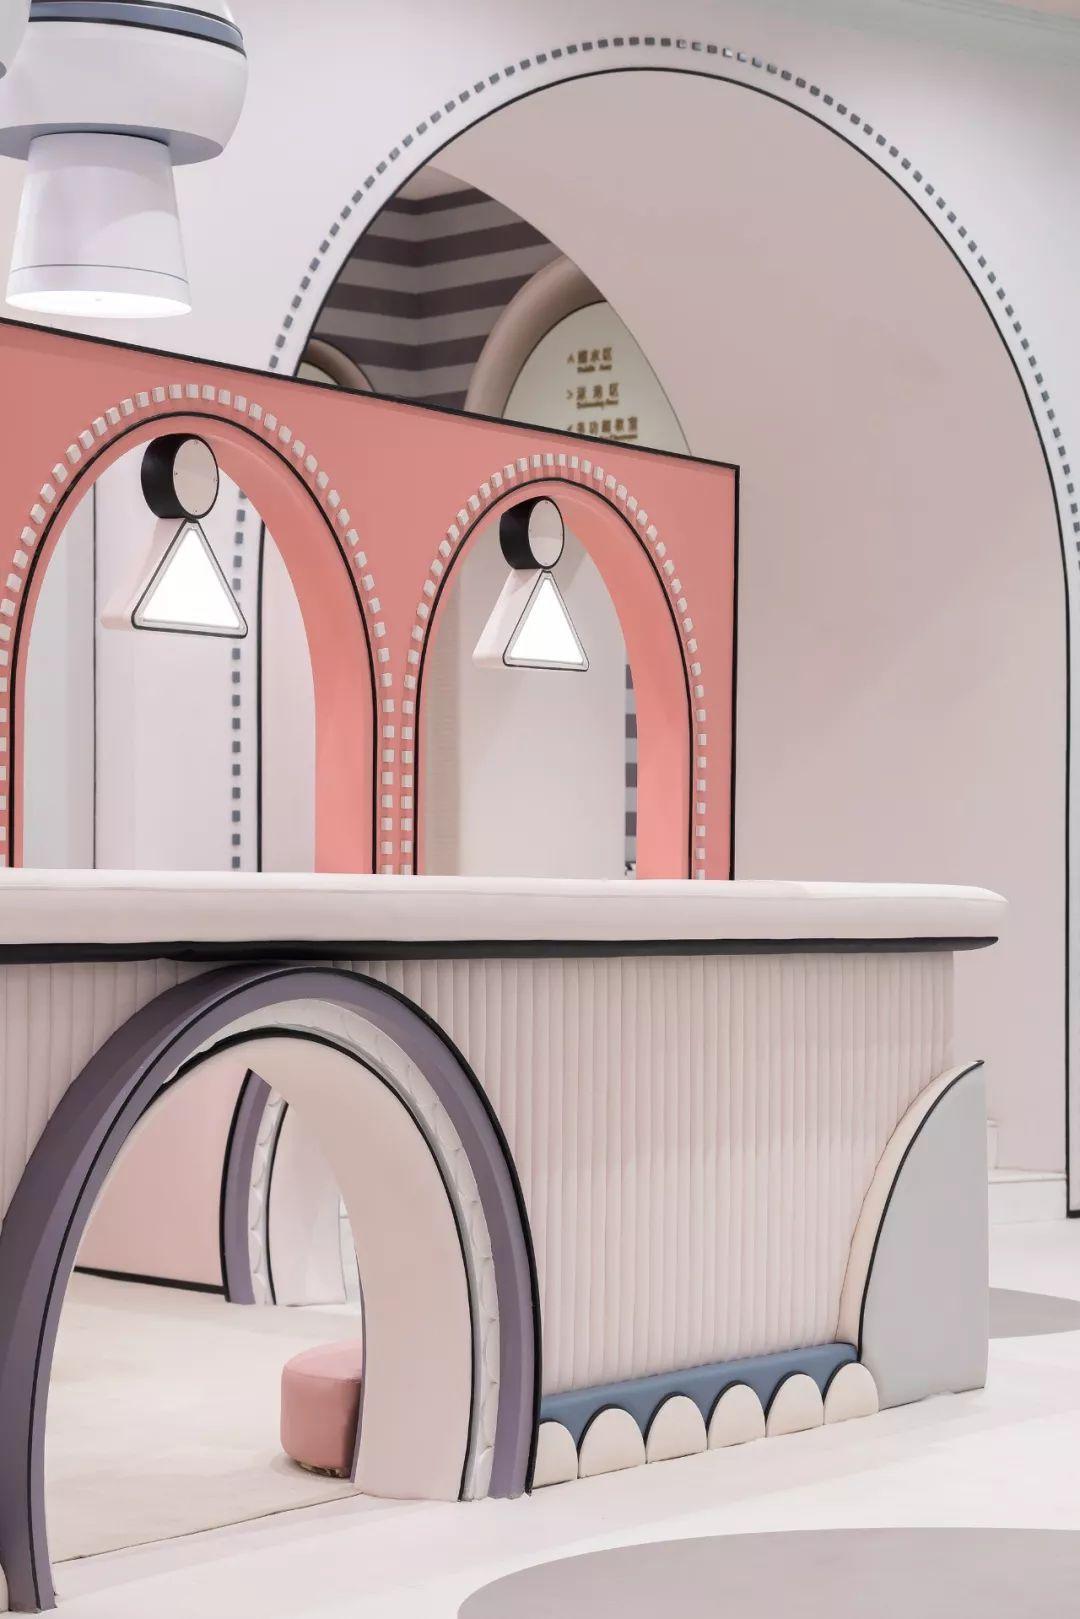 李想最新打造超美的奇幻城堡,如入仙境,惊艳苏州!|李想 - 14